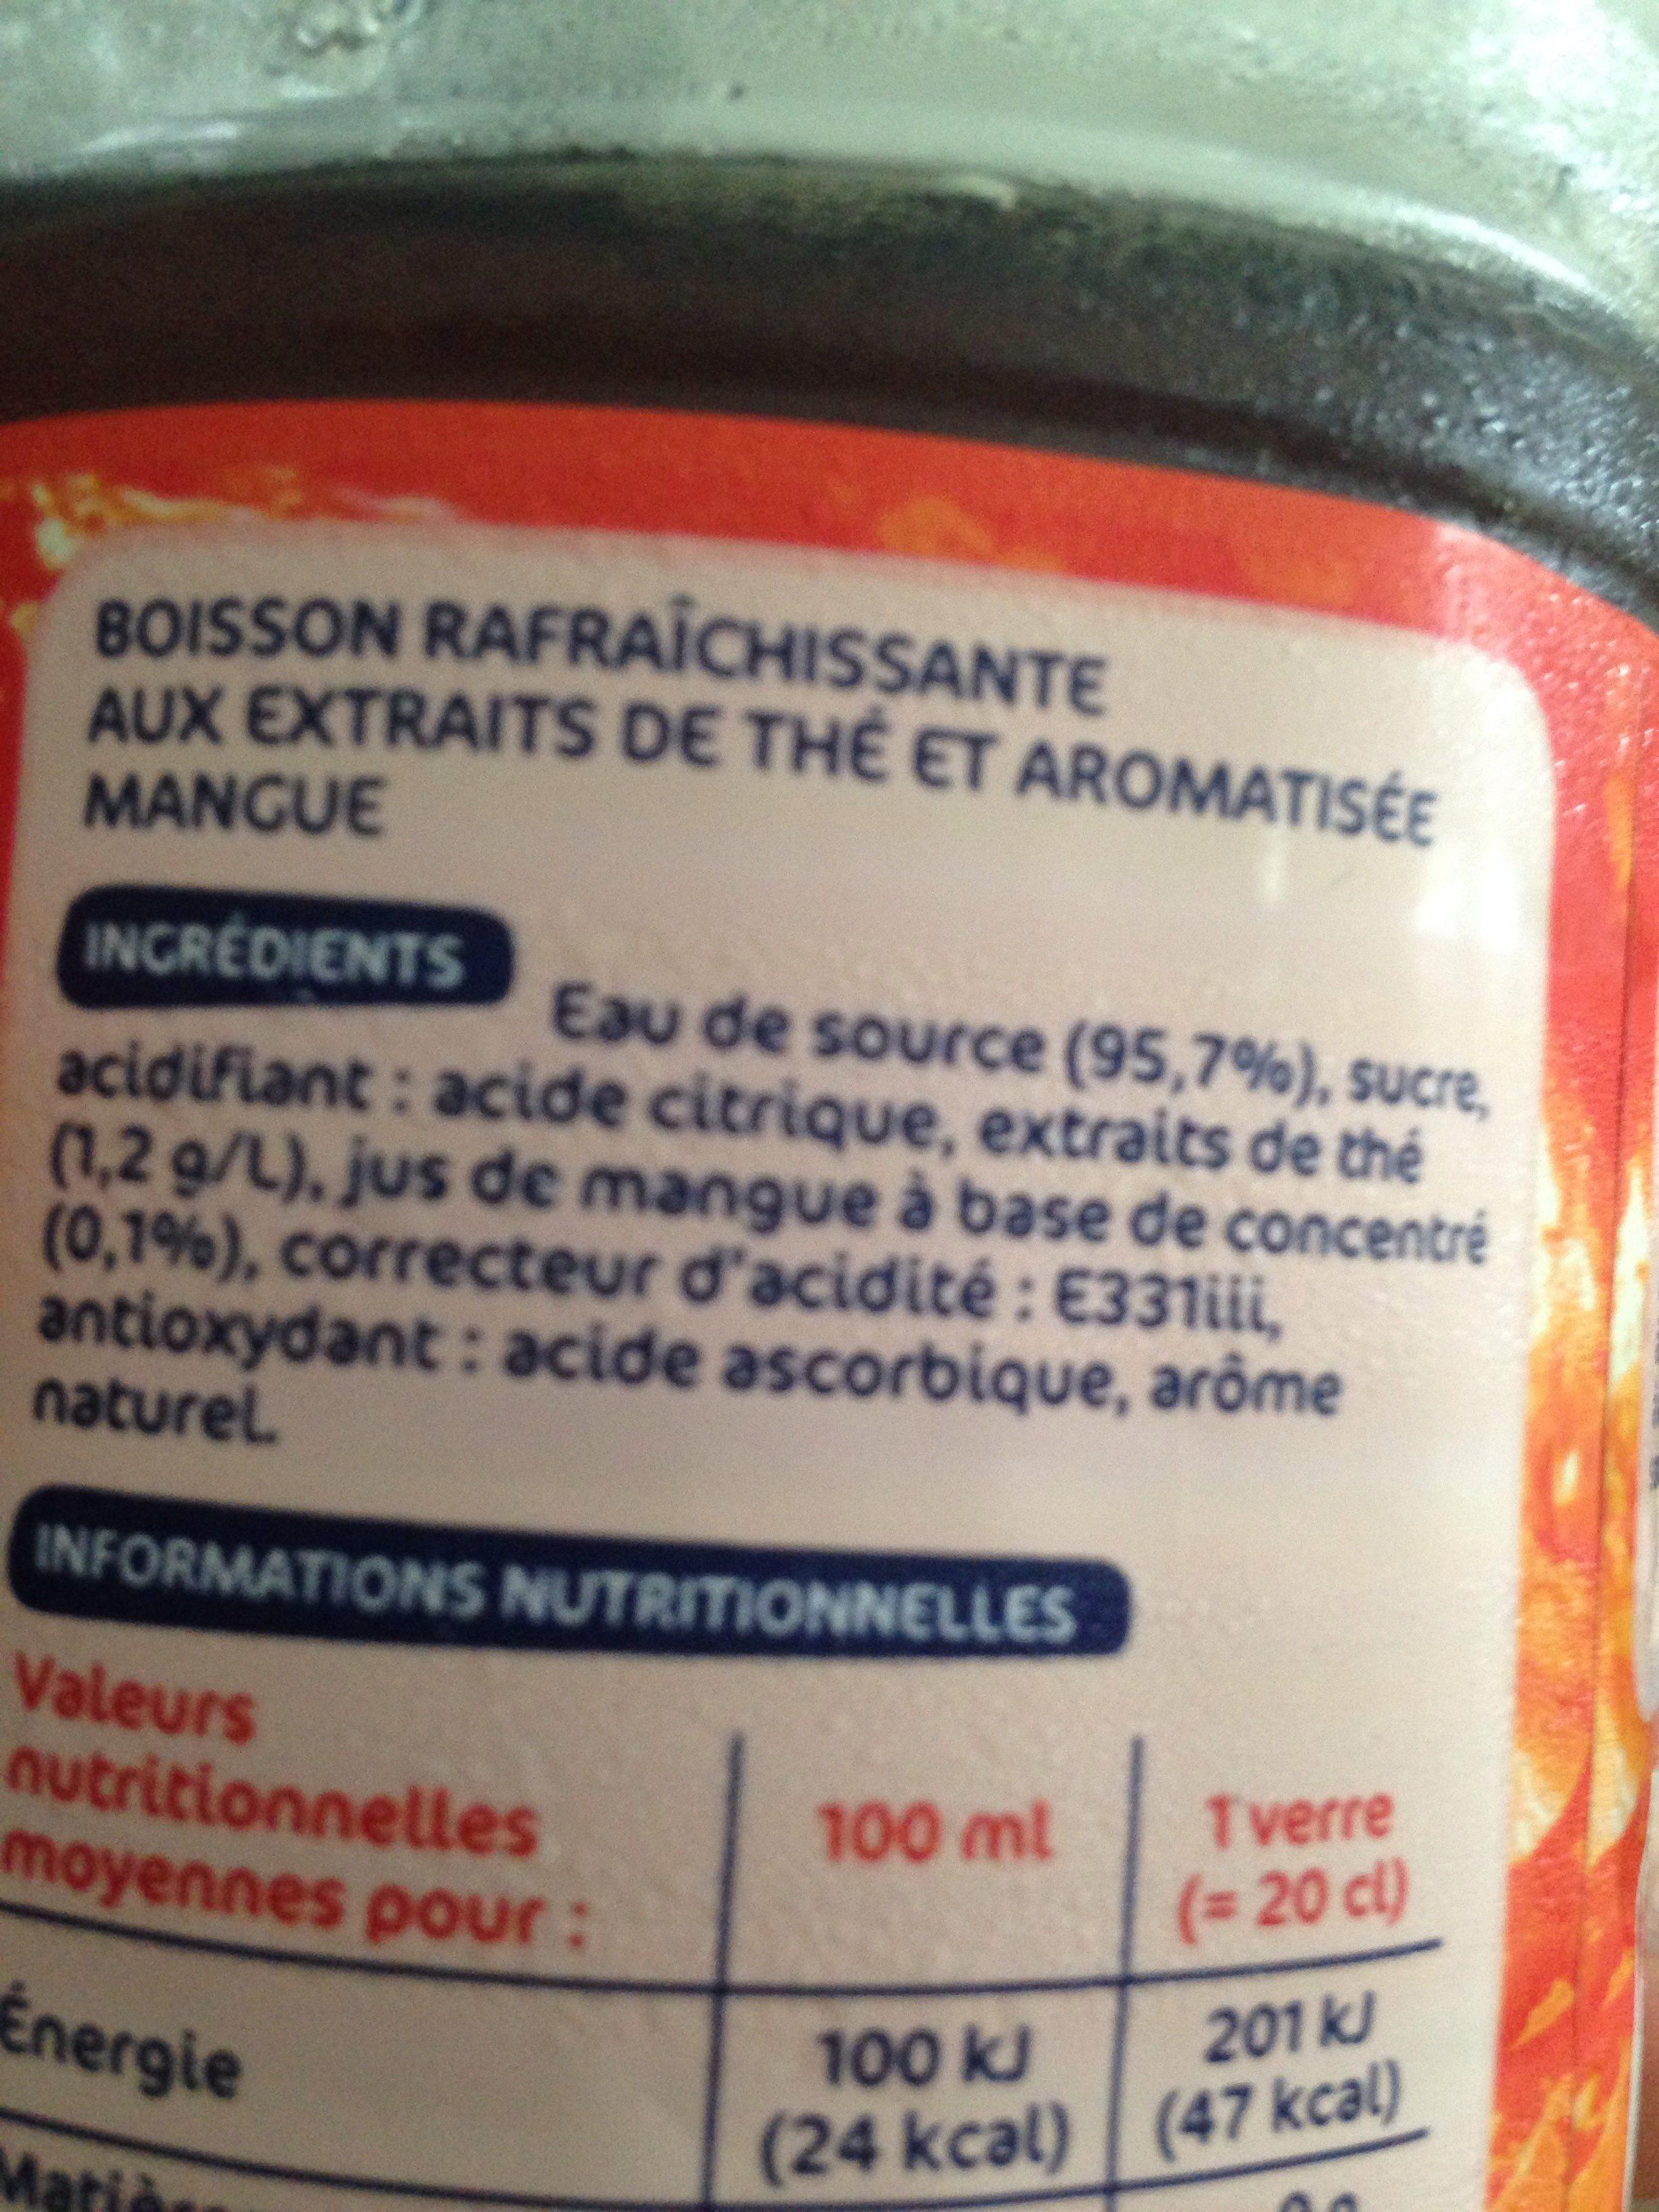 Boisson au thé aromatisé mangue - Ingredients